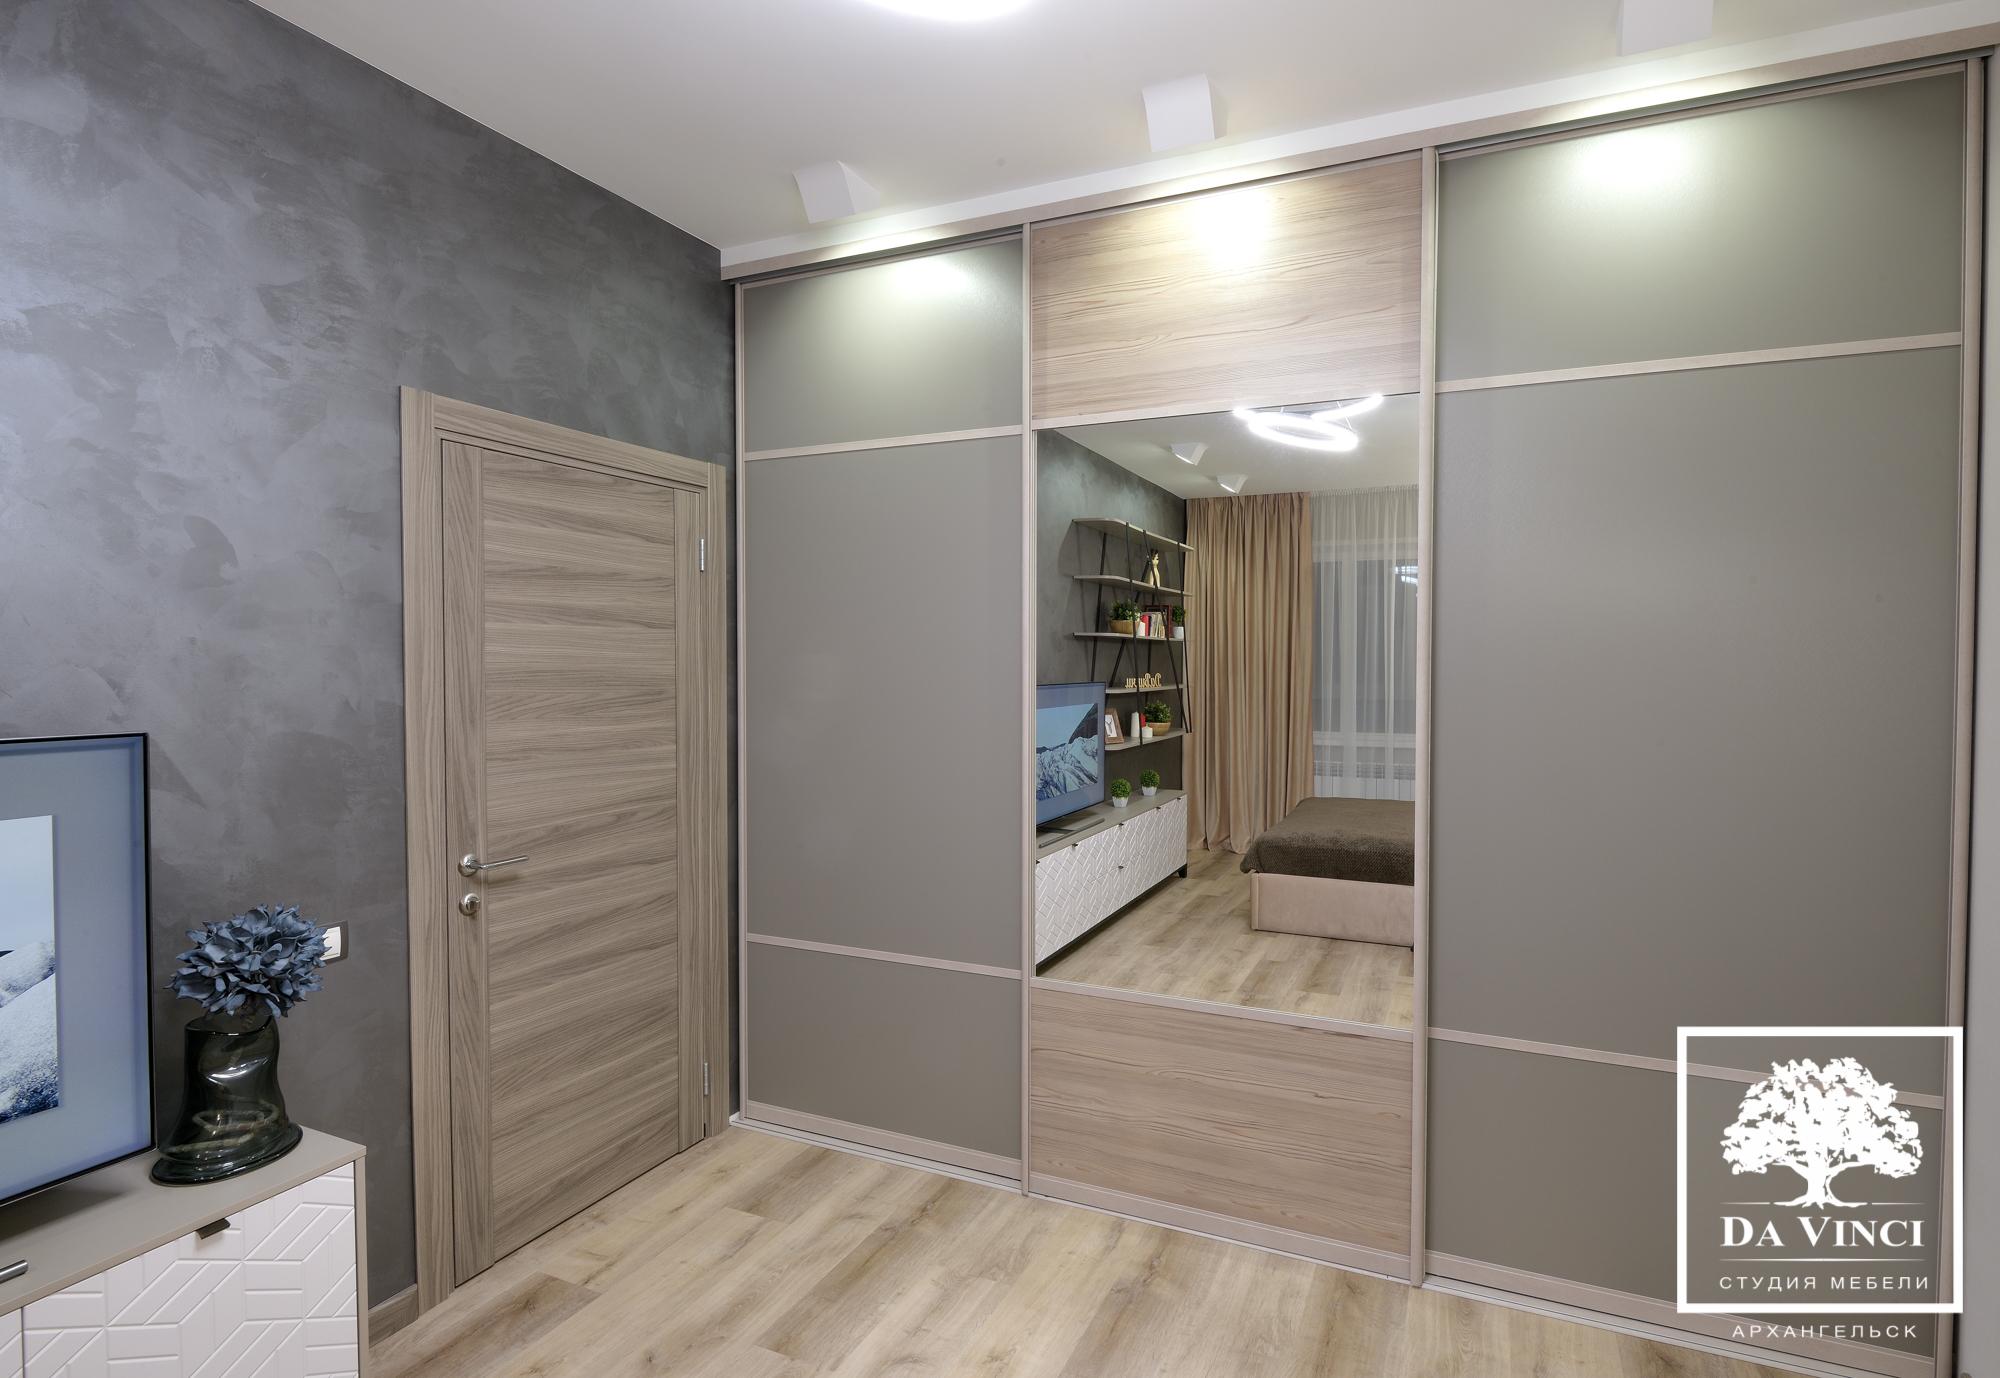 Проект квартиры. Шкаф-купе